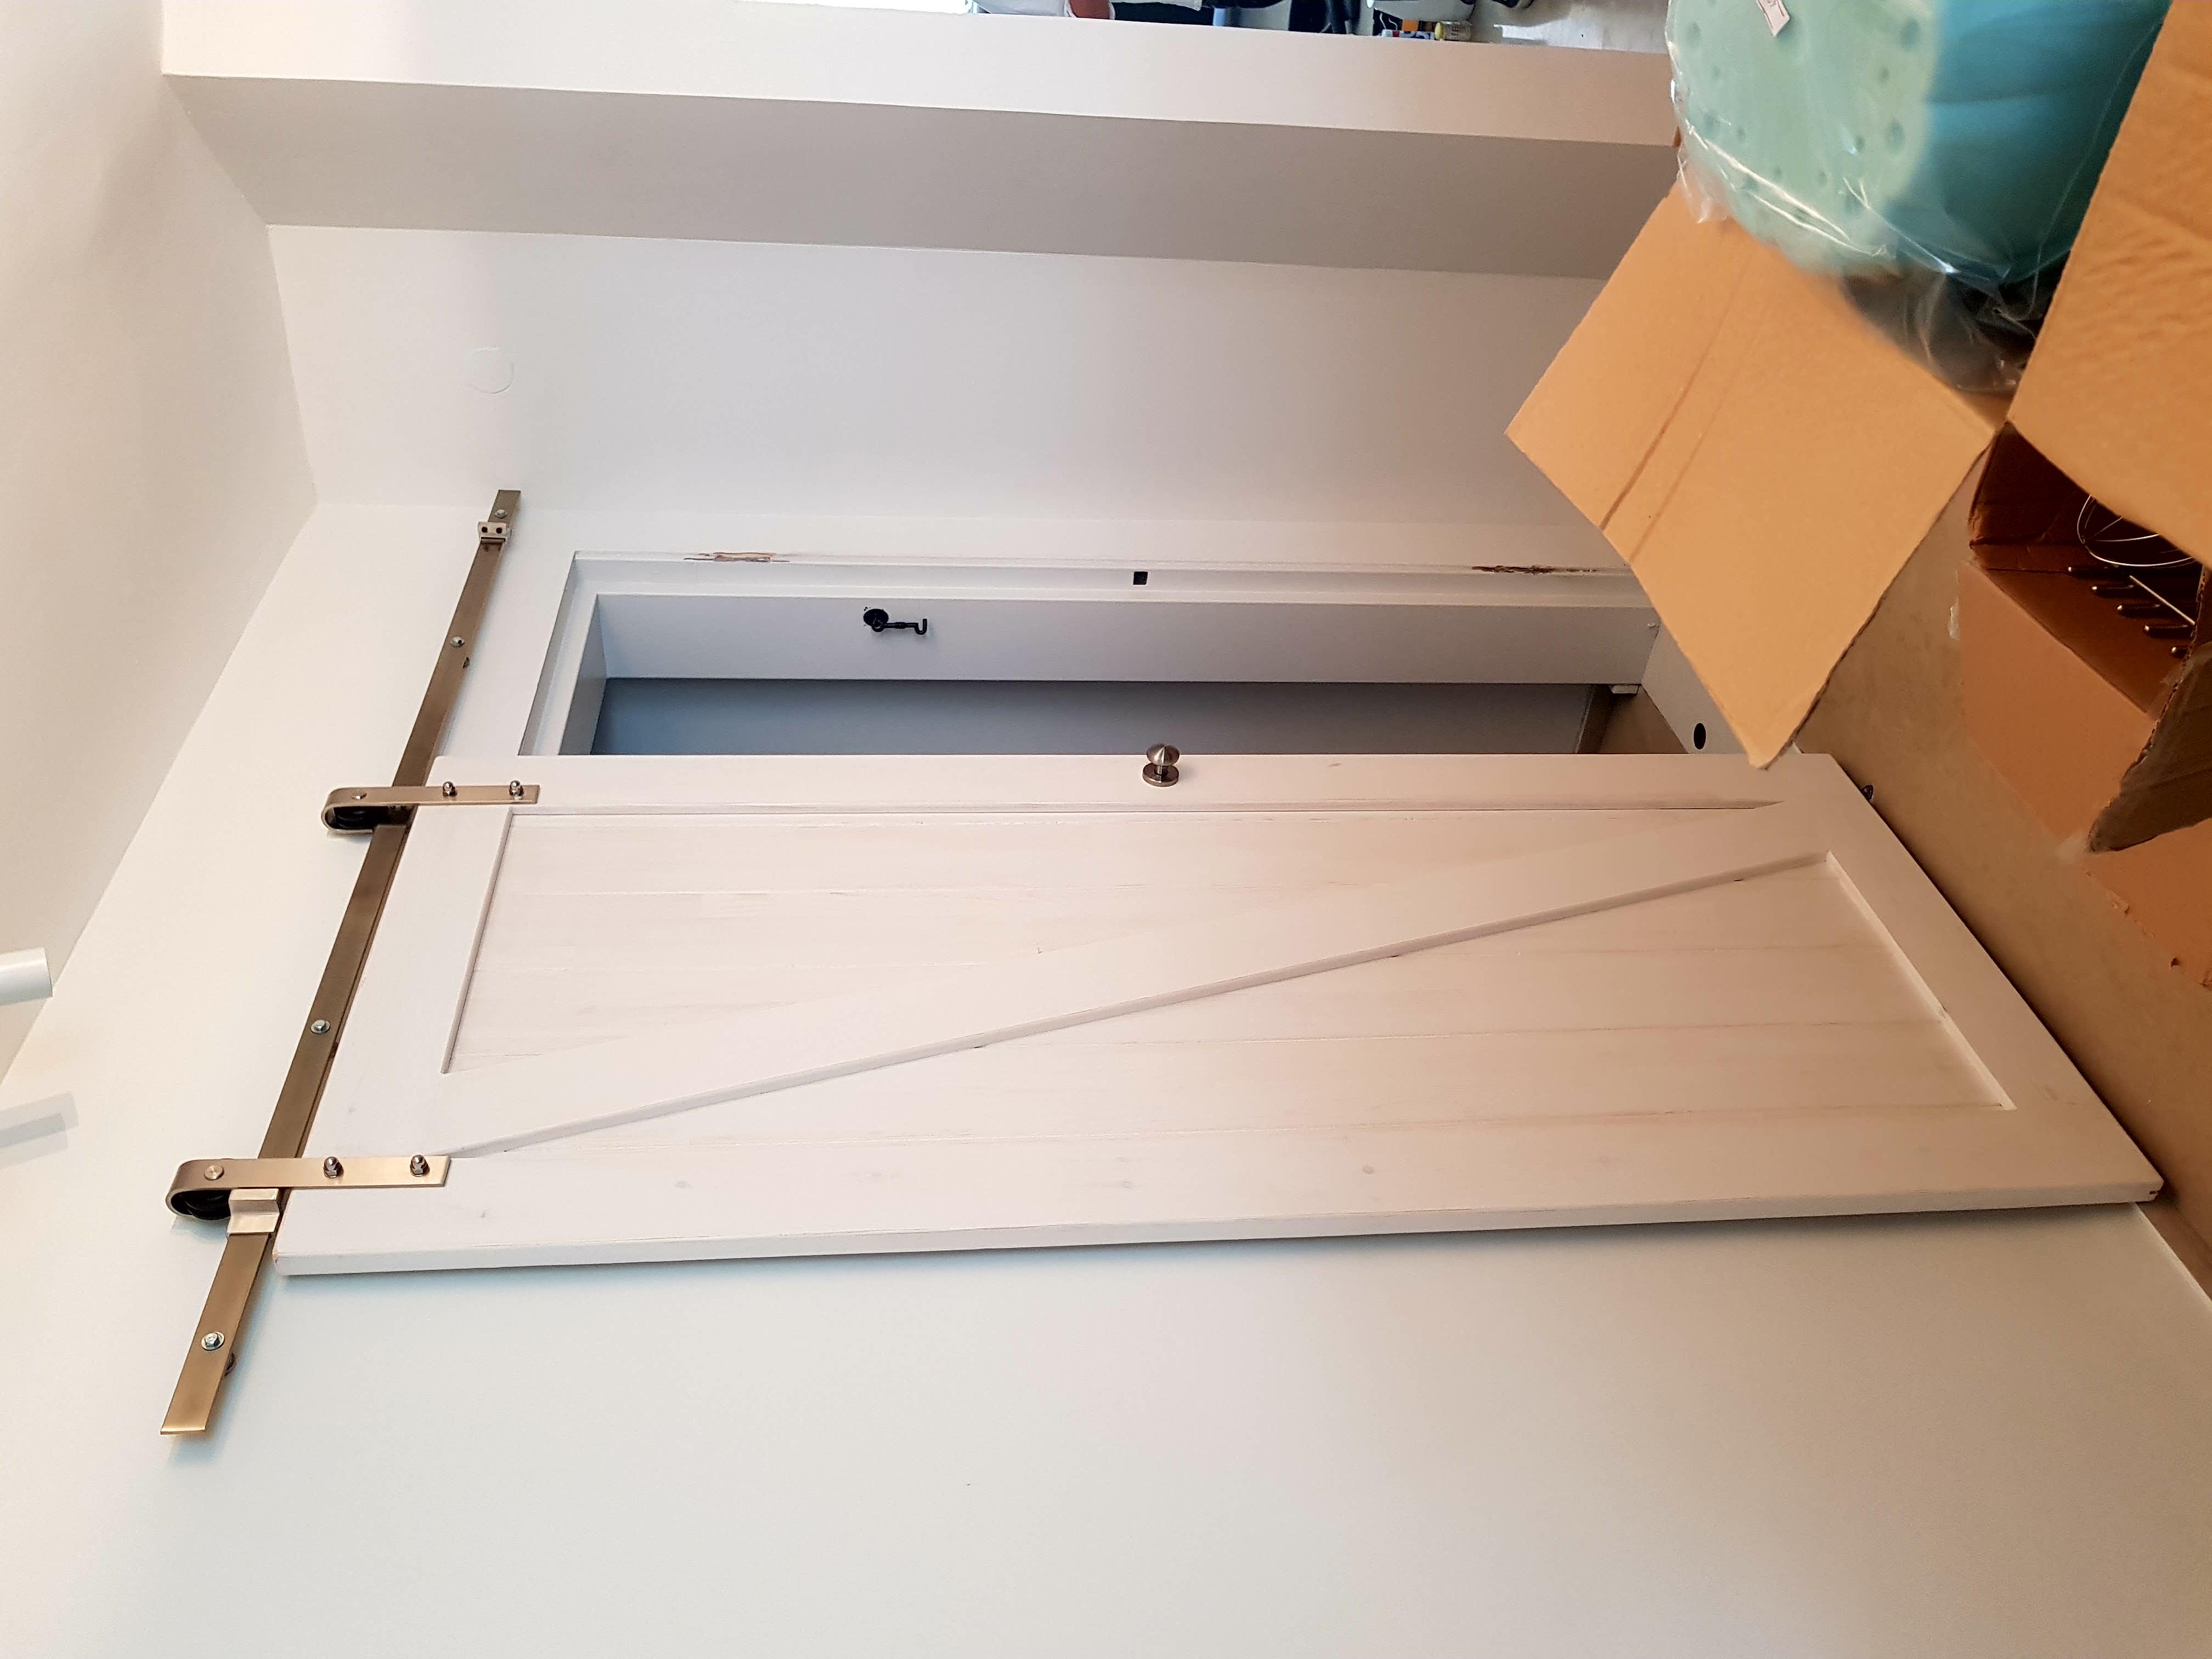 דלת אסם לבנה בשילוב מסילה גלויה בגימור ניקל מוברש